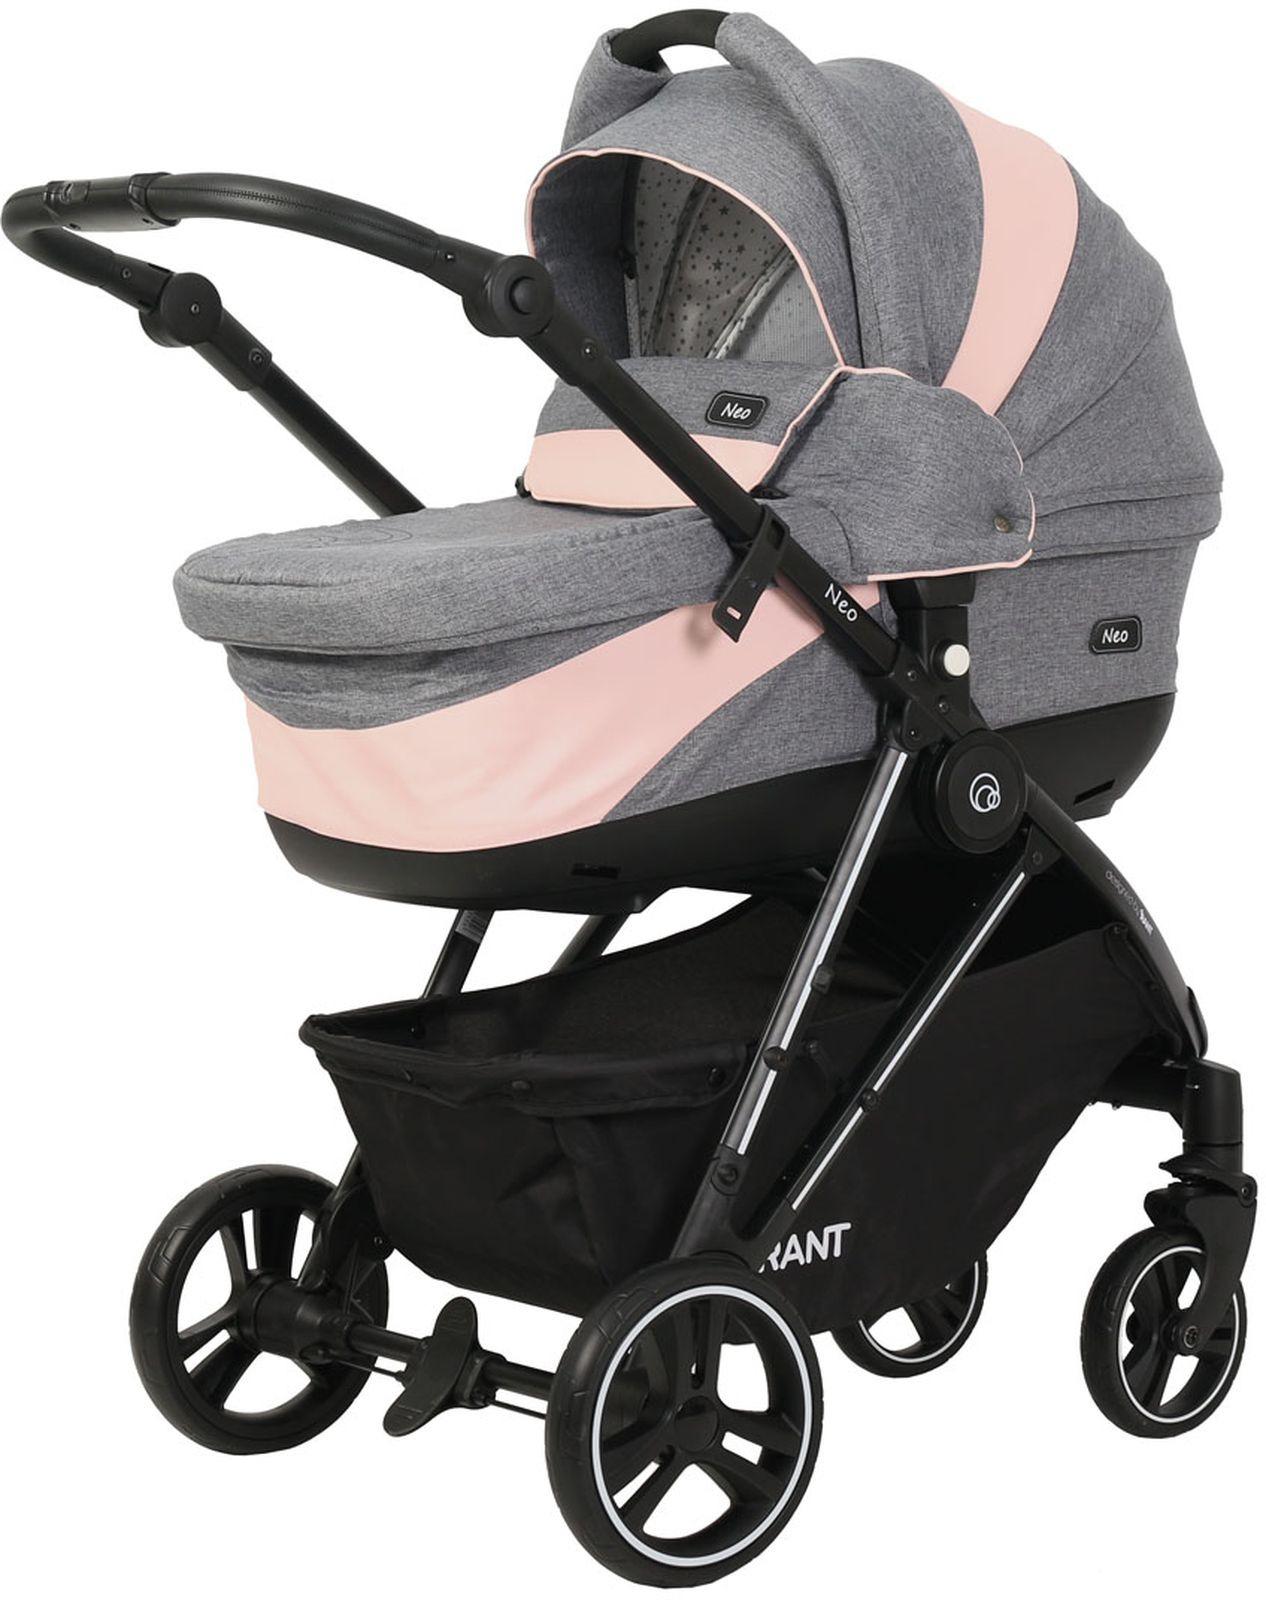 Коляска универсальная Rant Neo 2 в 1, 4630038413556, серый, розовый коляска 2 в 1 rant links graphite